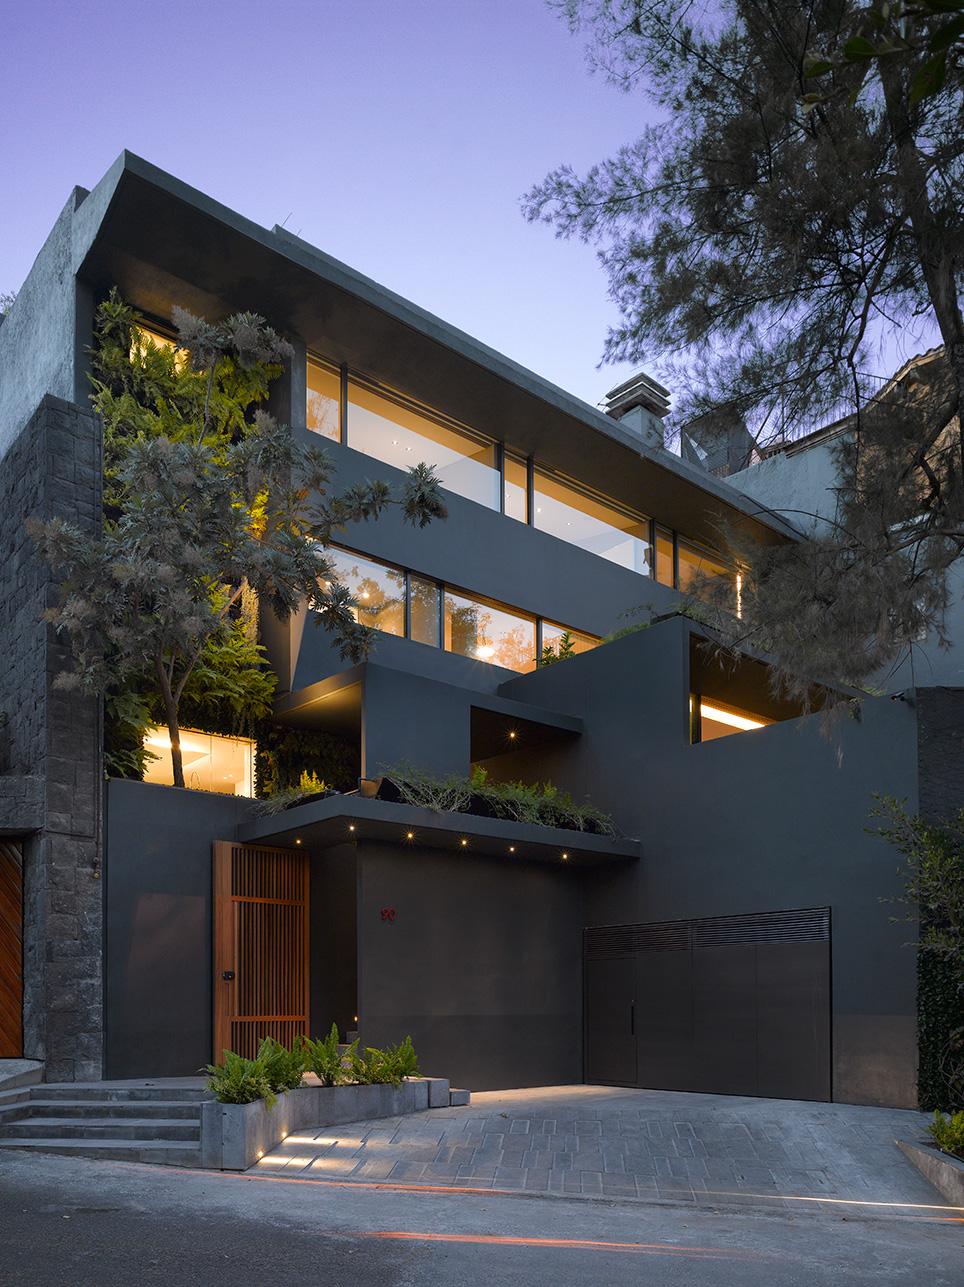 Barrancas House by EZEQUIELFARCA architecture design-01